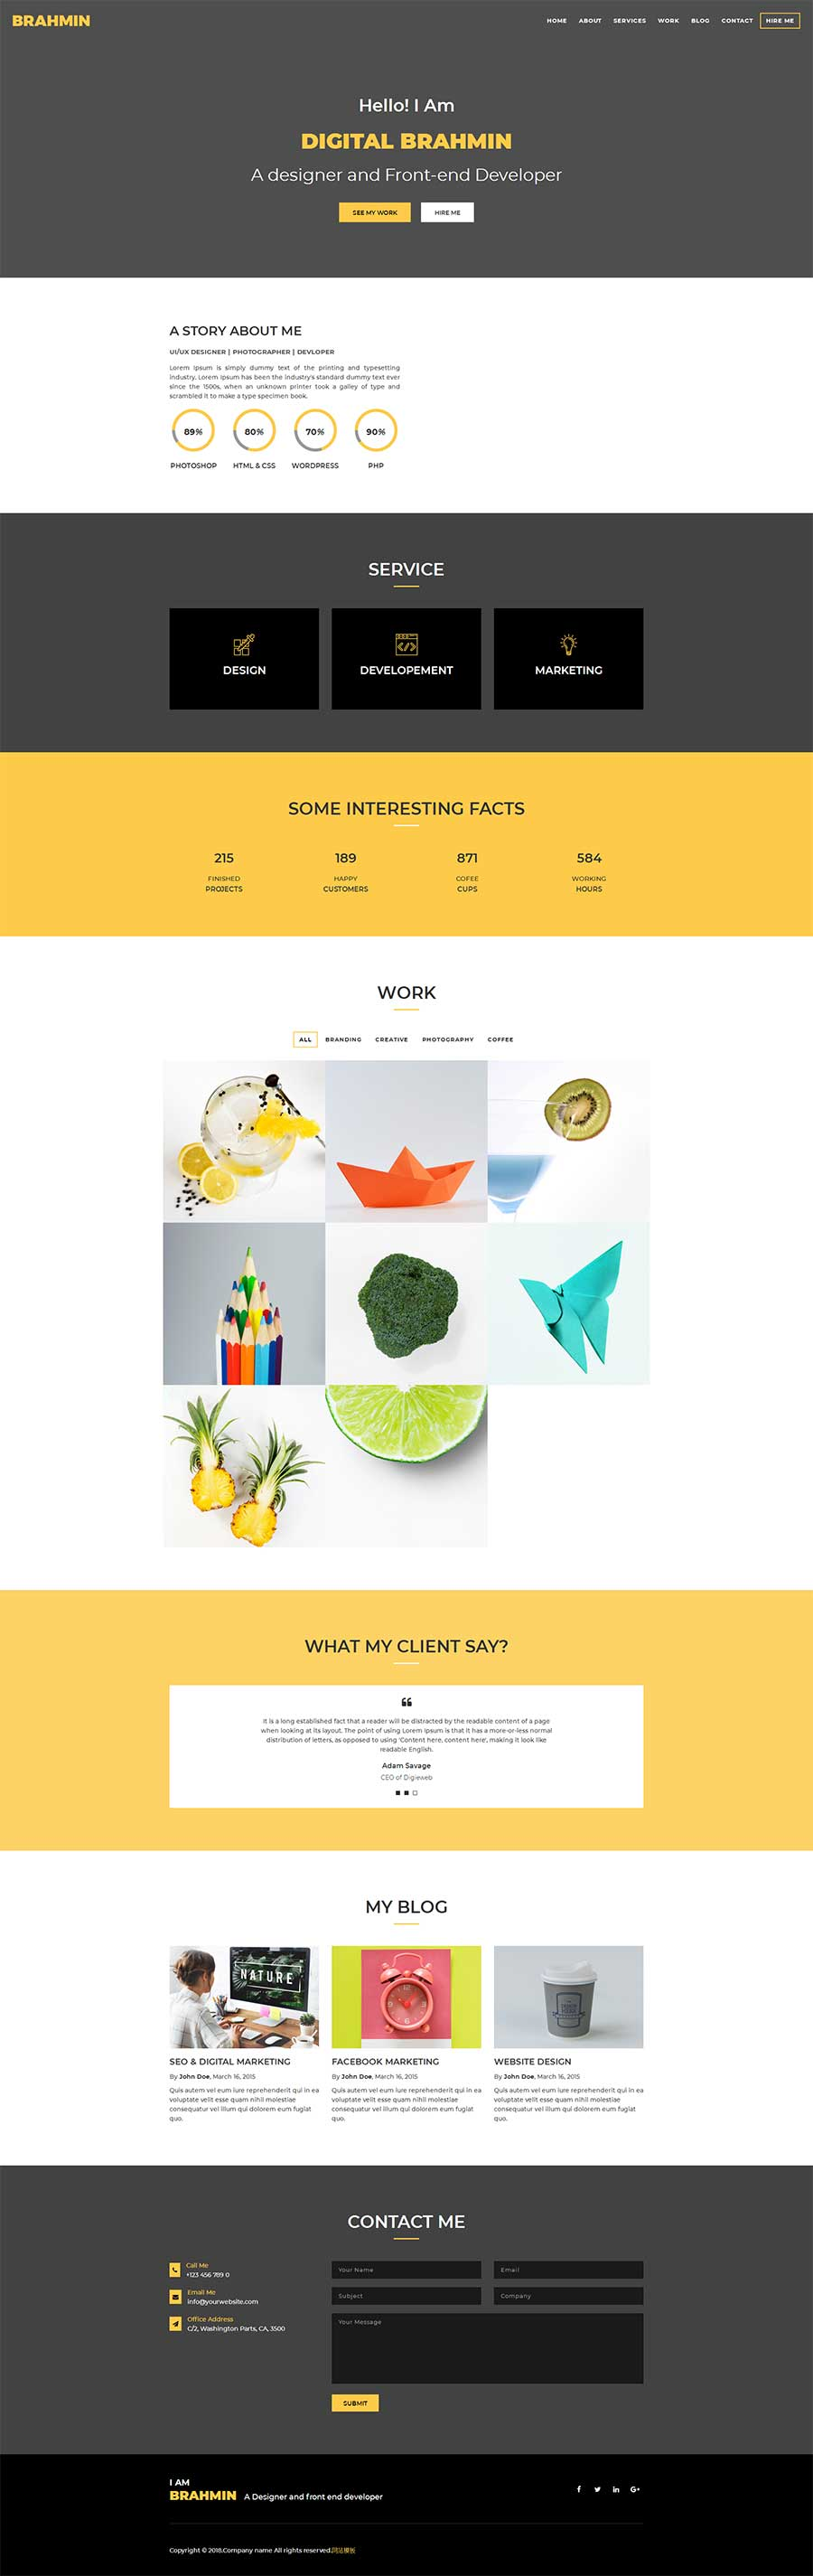 简洁大气html5响应式创意产品设计公司网站模板